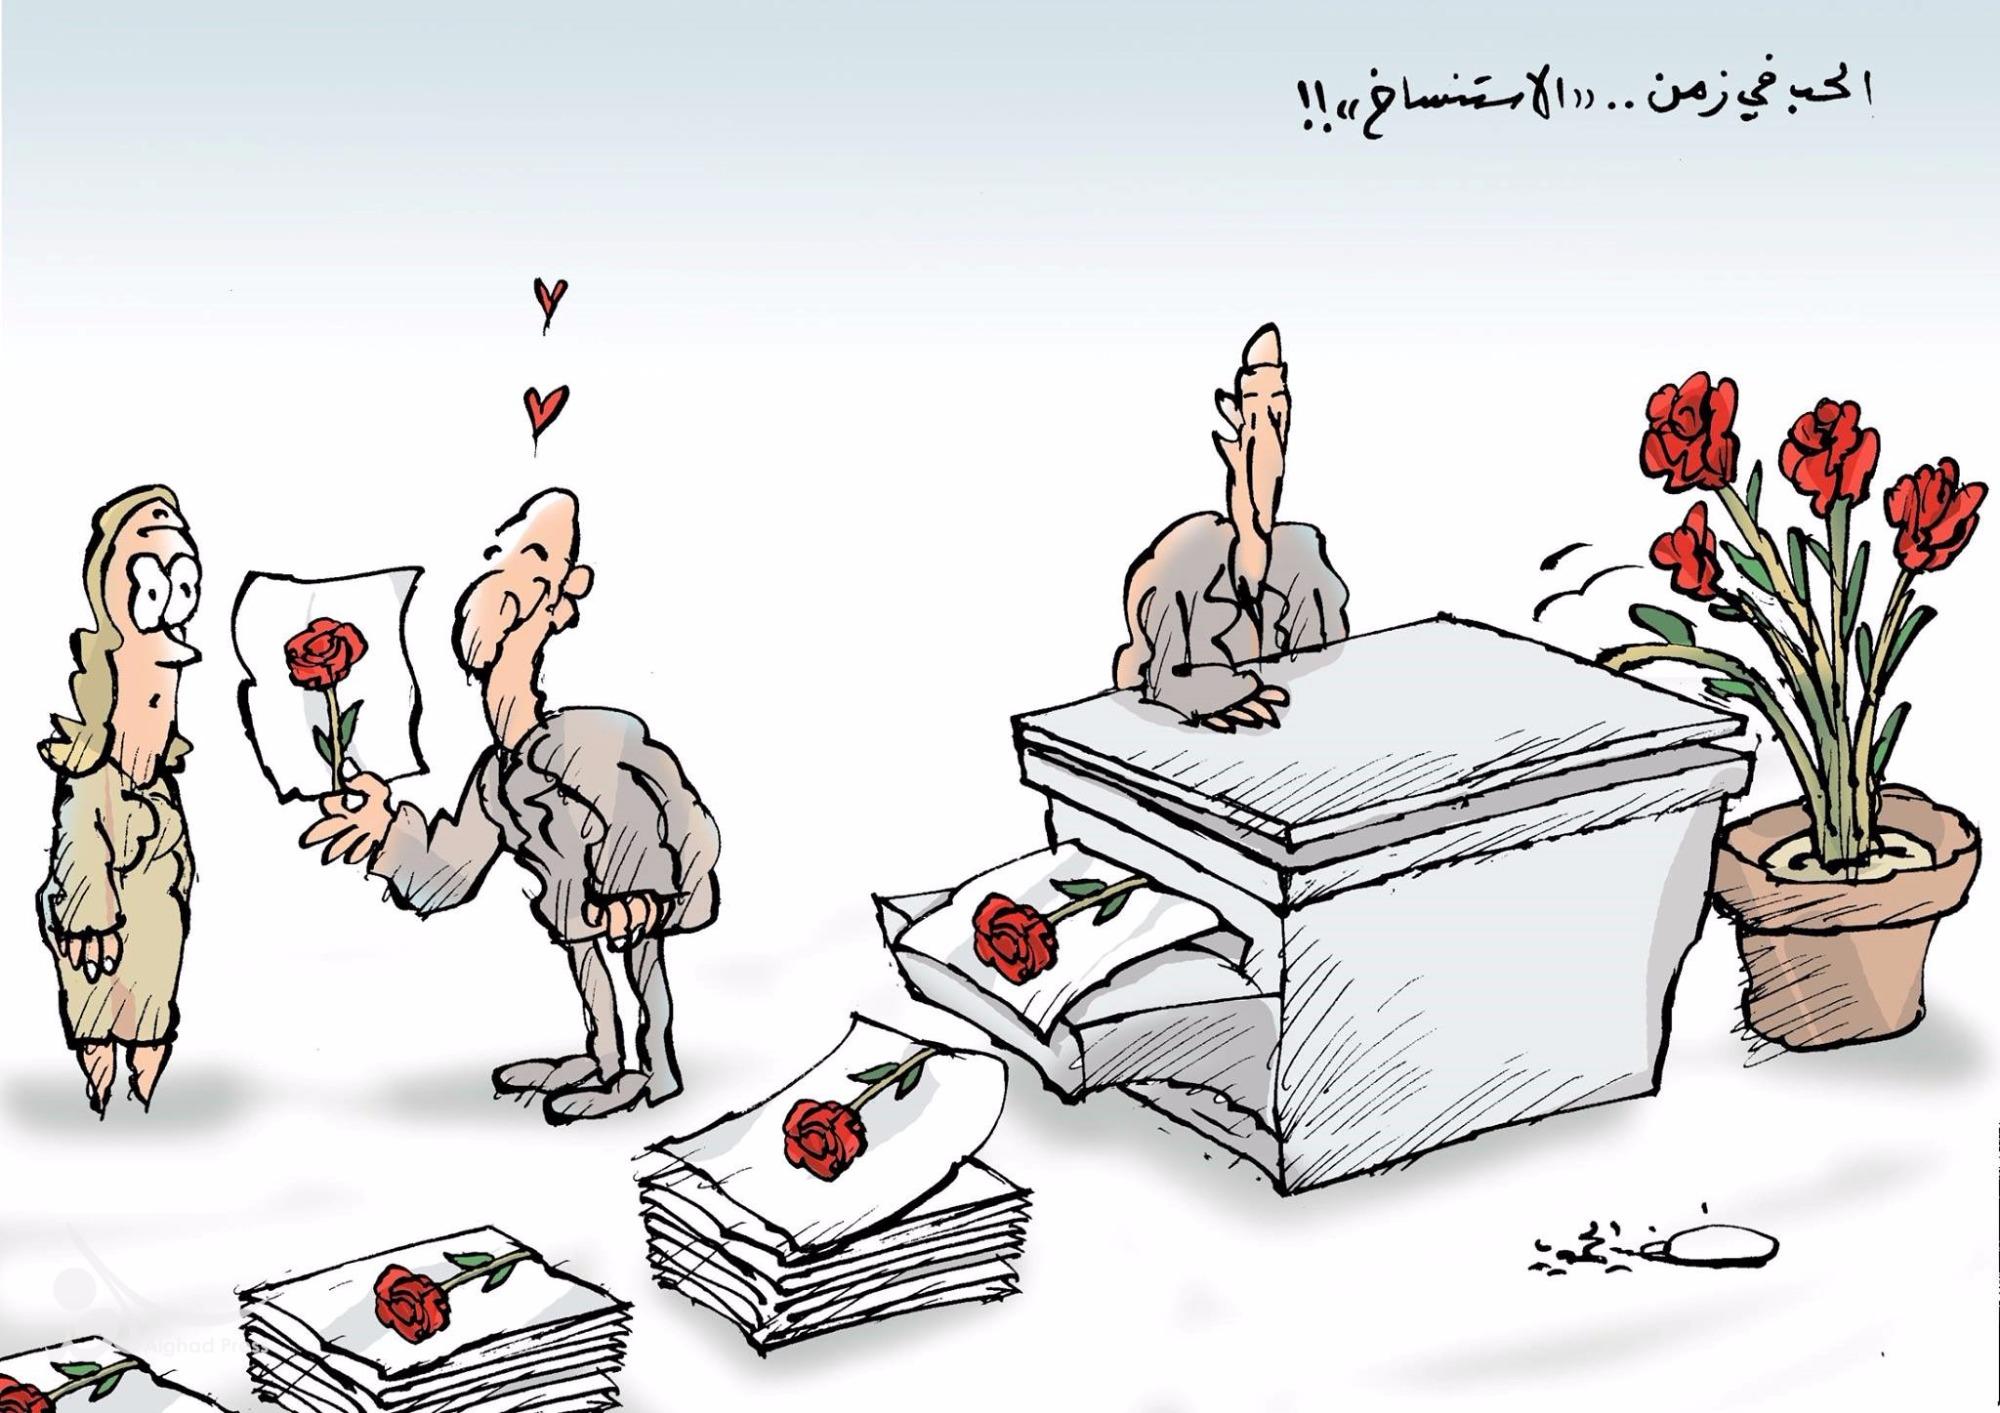 نتيجة بحث الصور عن كاريكاتير عن عيد الحب